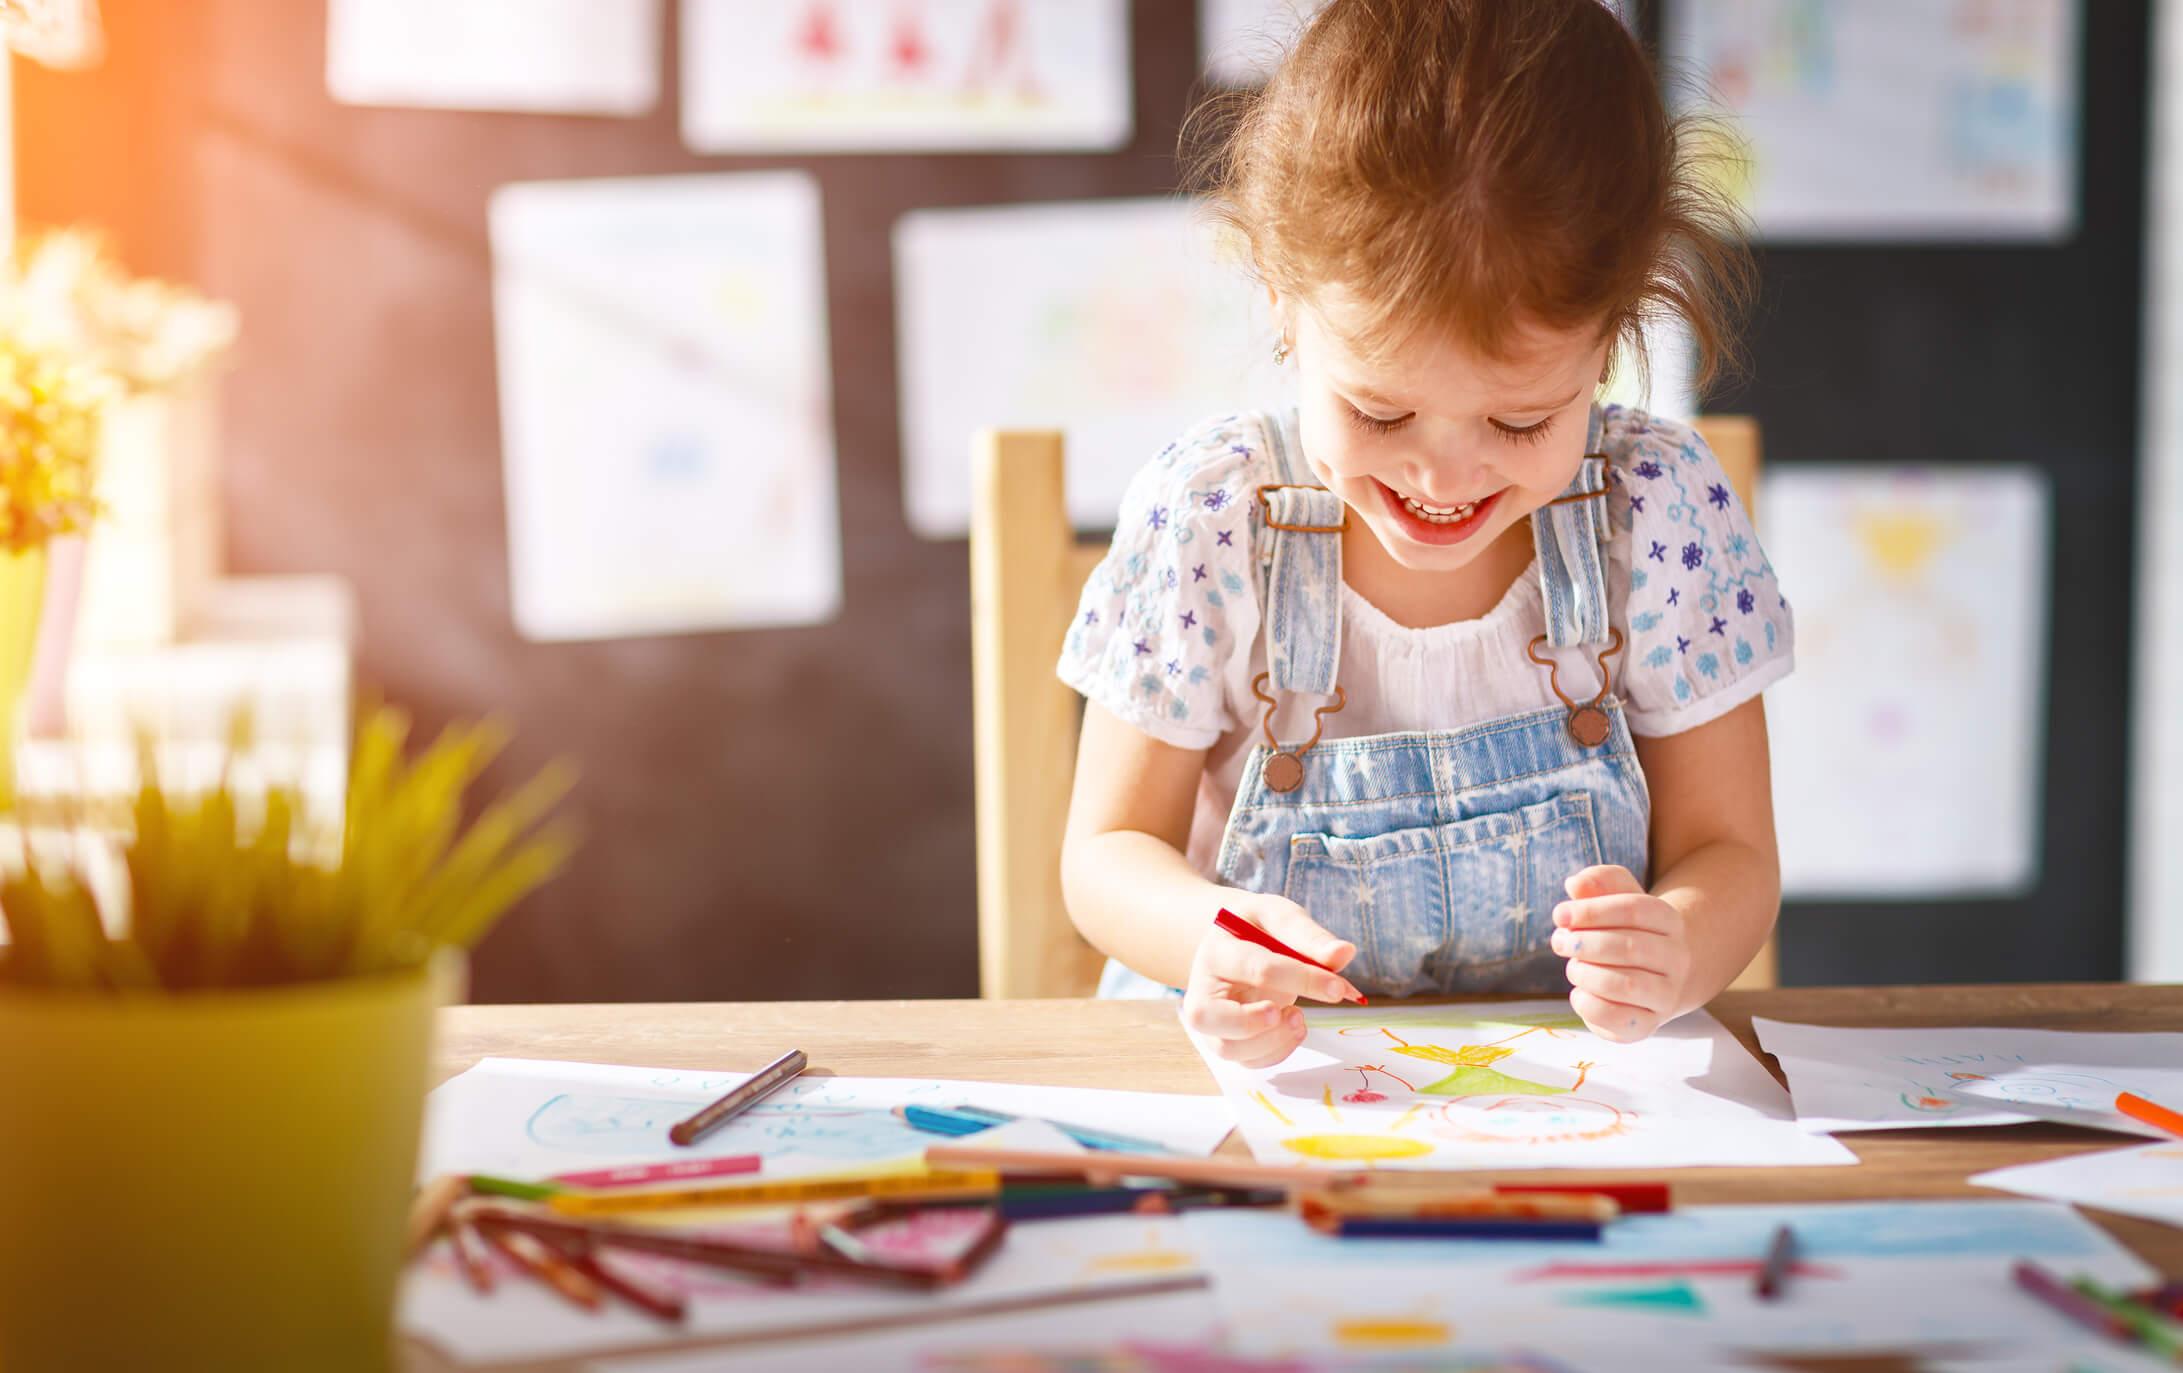 Concurso de Desenho Infantil em prol do Futuro!